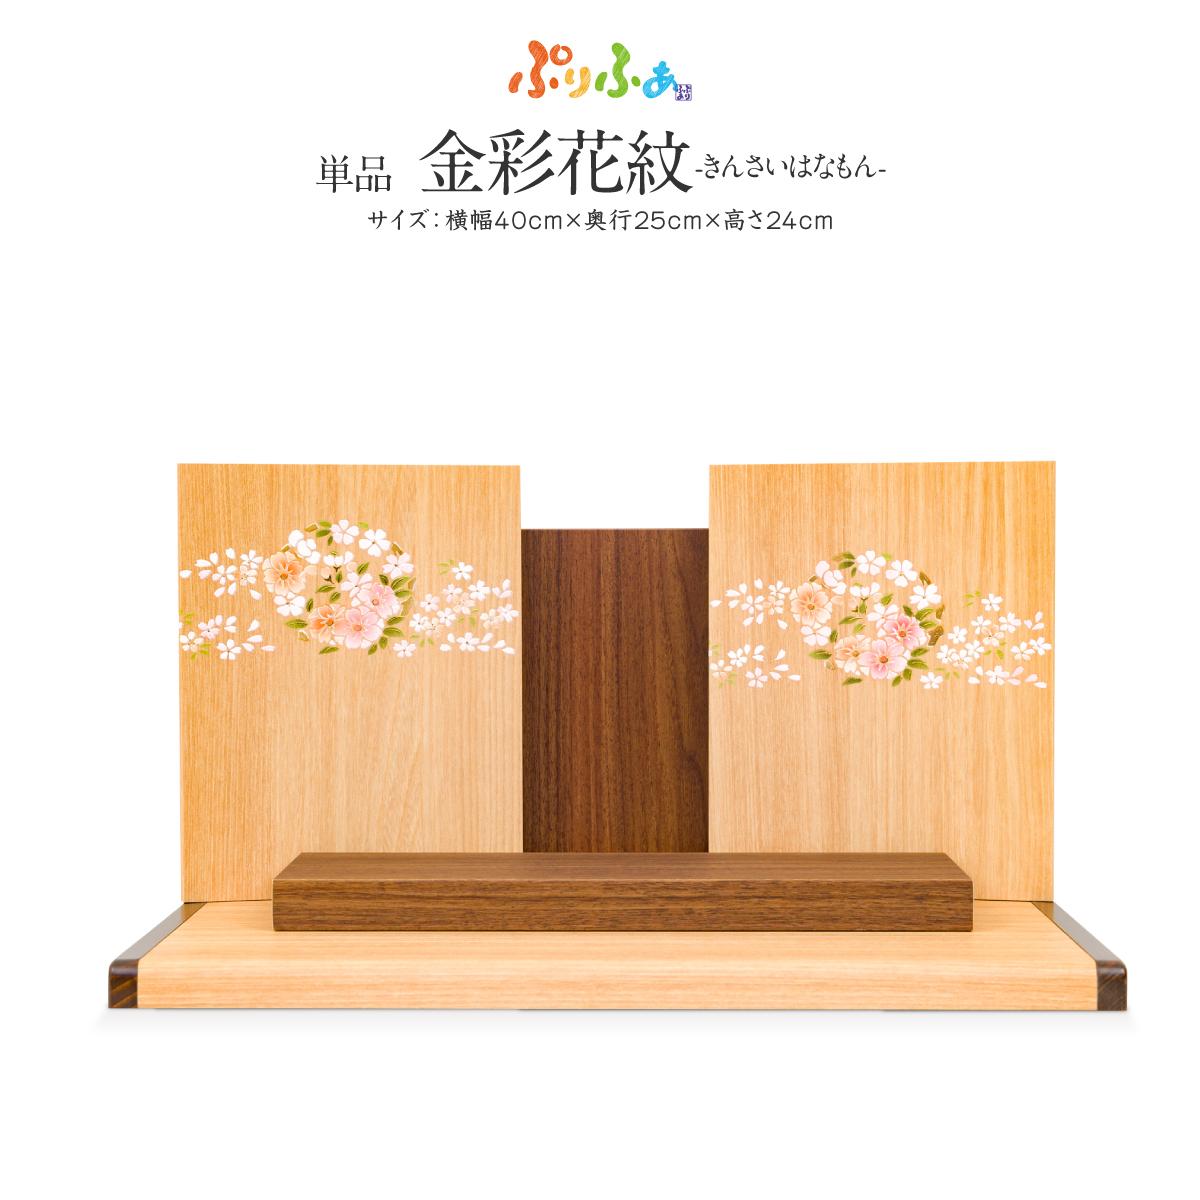 ぷりふあシリーズ WoodStyle 金彩花紋 台屏風のみ単品販売 横幅40cm×奥行25cm×高さ24cm